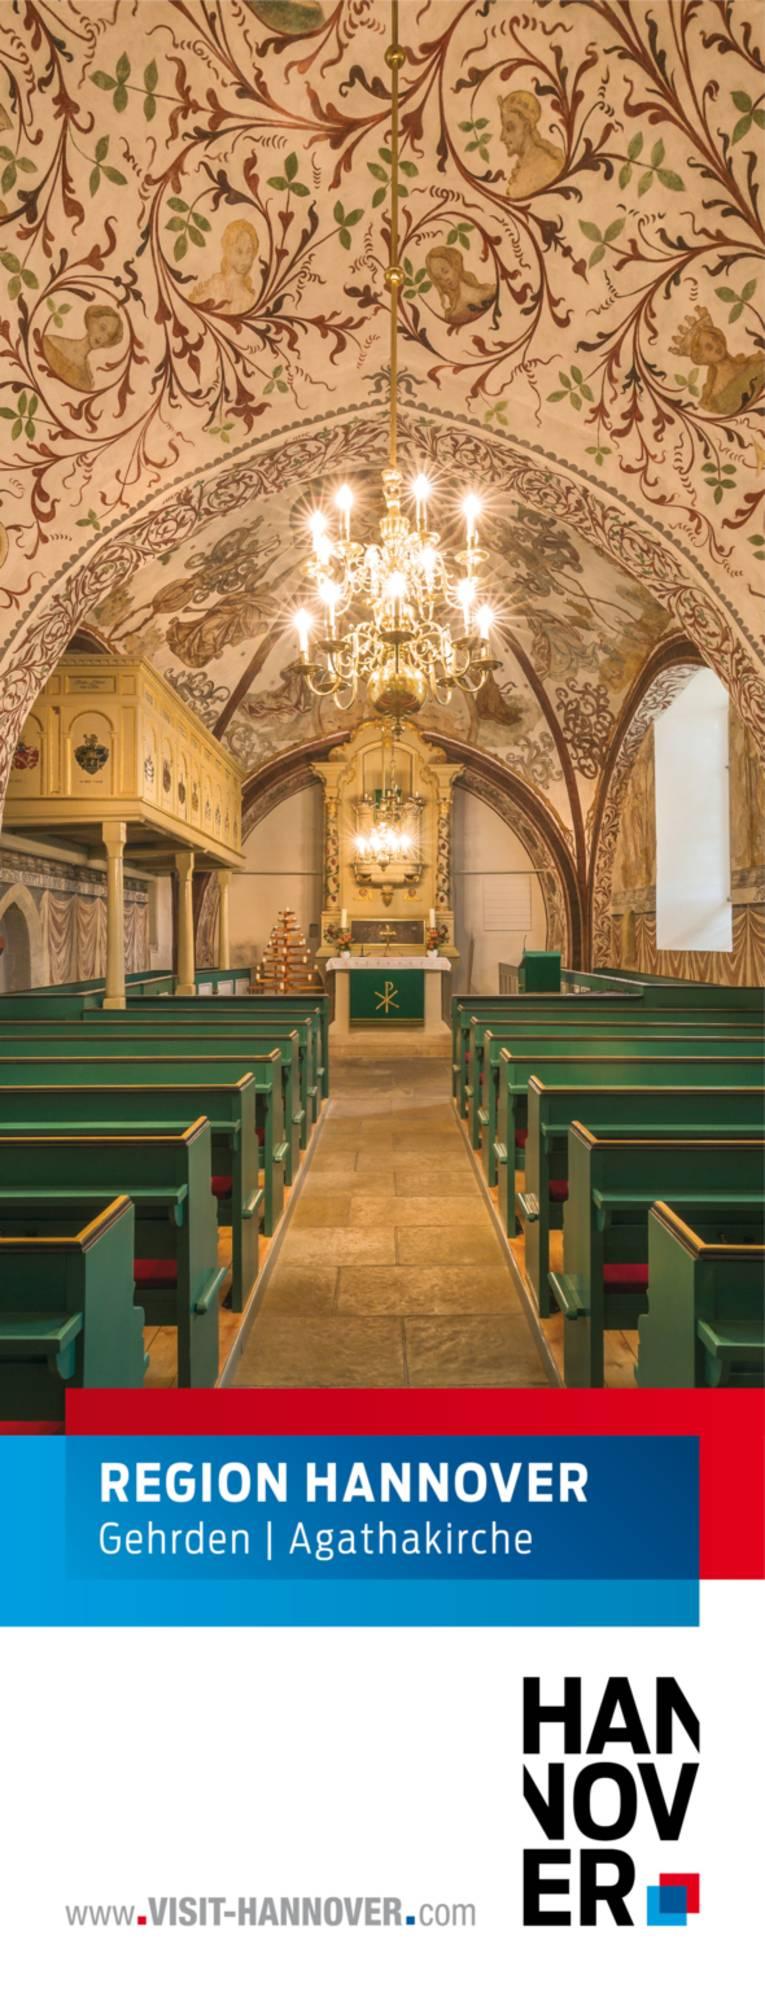 Gehrden präsentiert sich mit einem Motiv aus der Agathakirche.